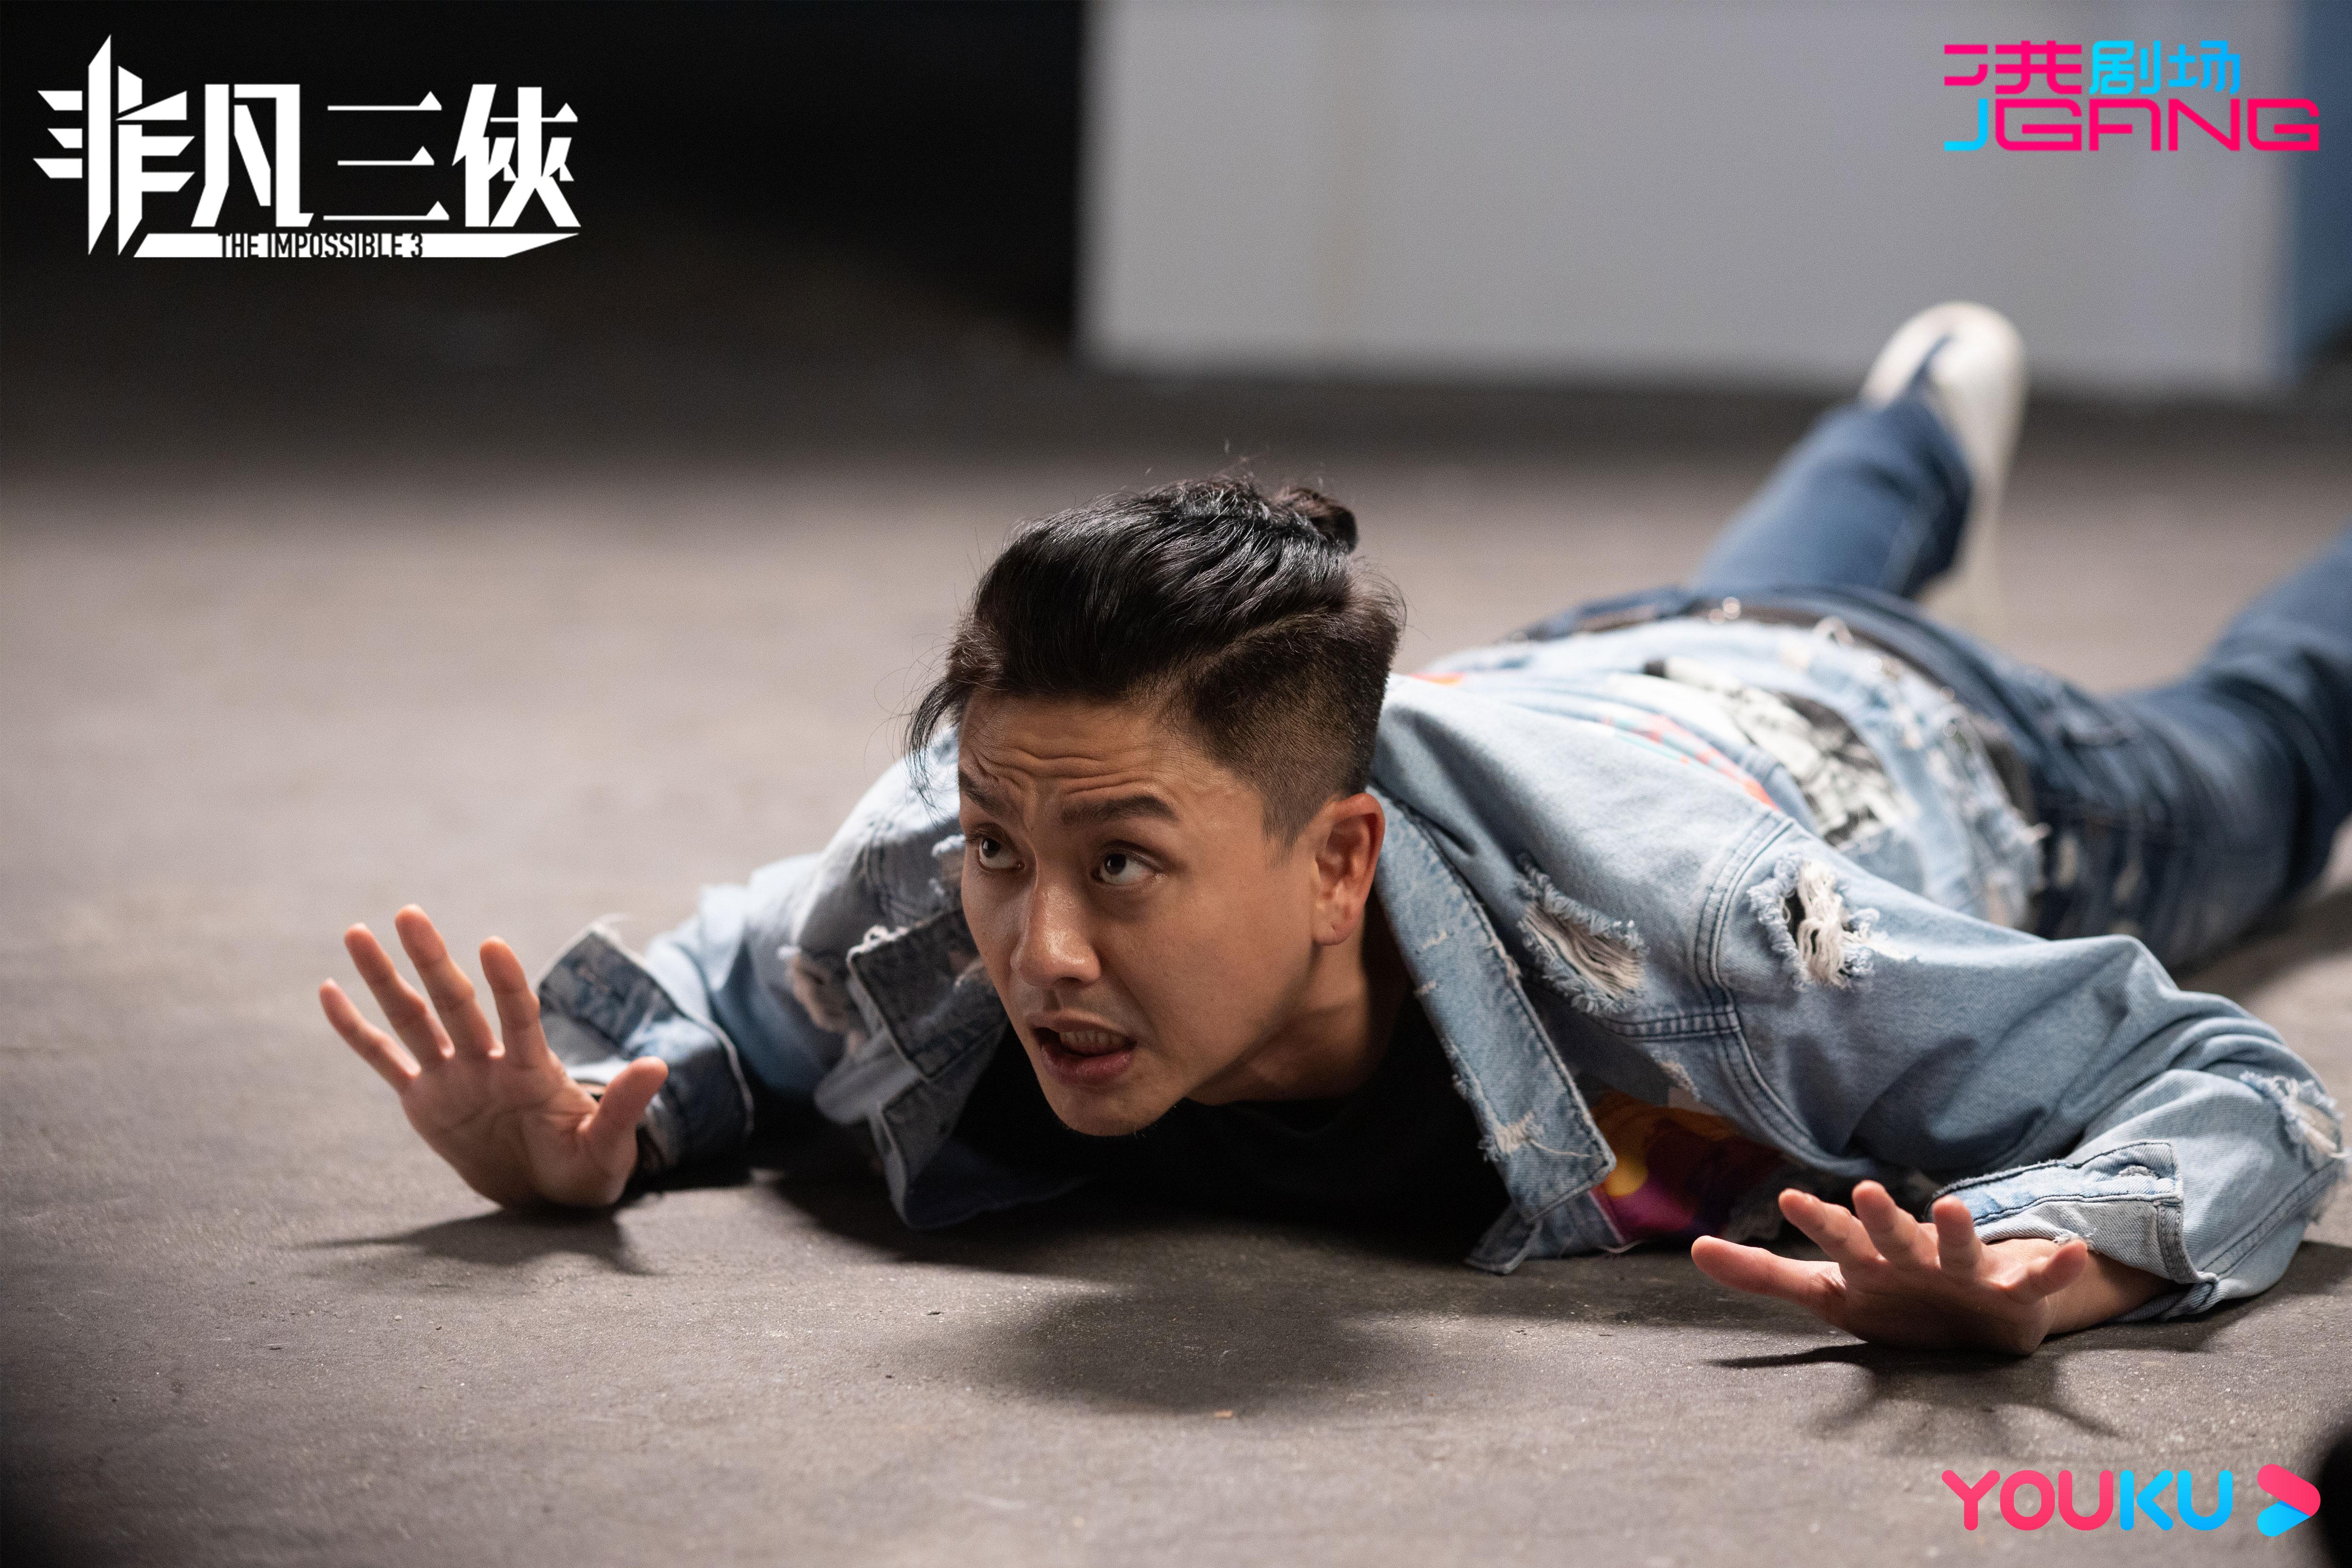 《非凡三侠》今晚开播 张智霖黄宗泽欲化解人生危机